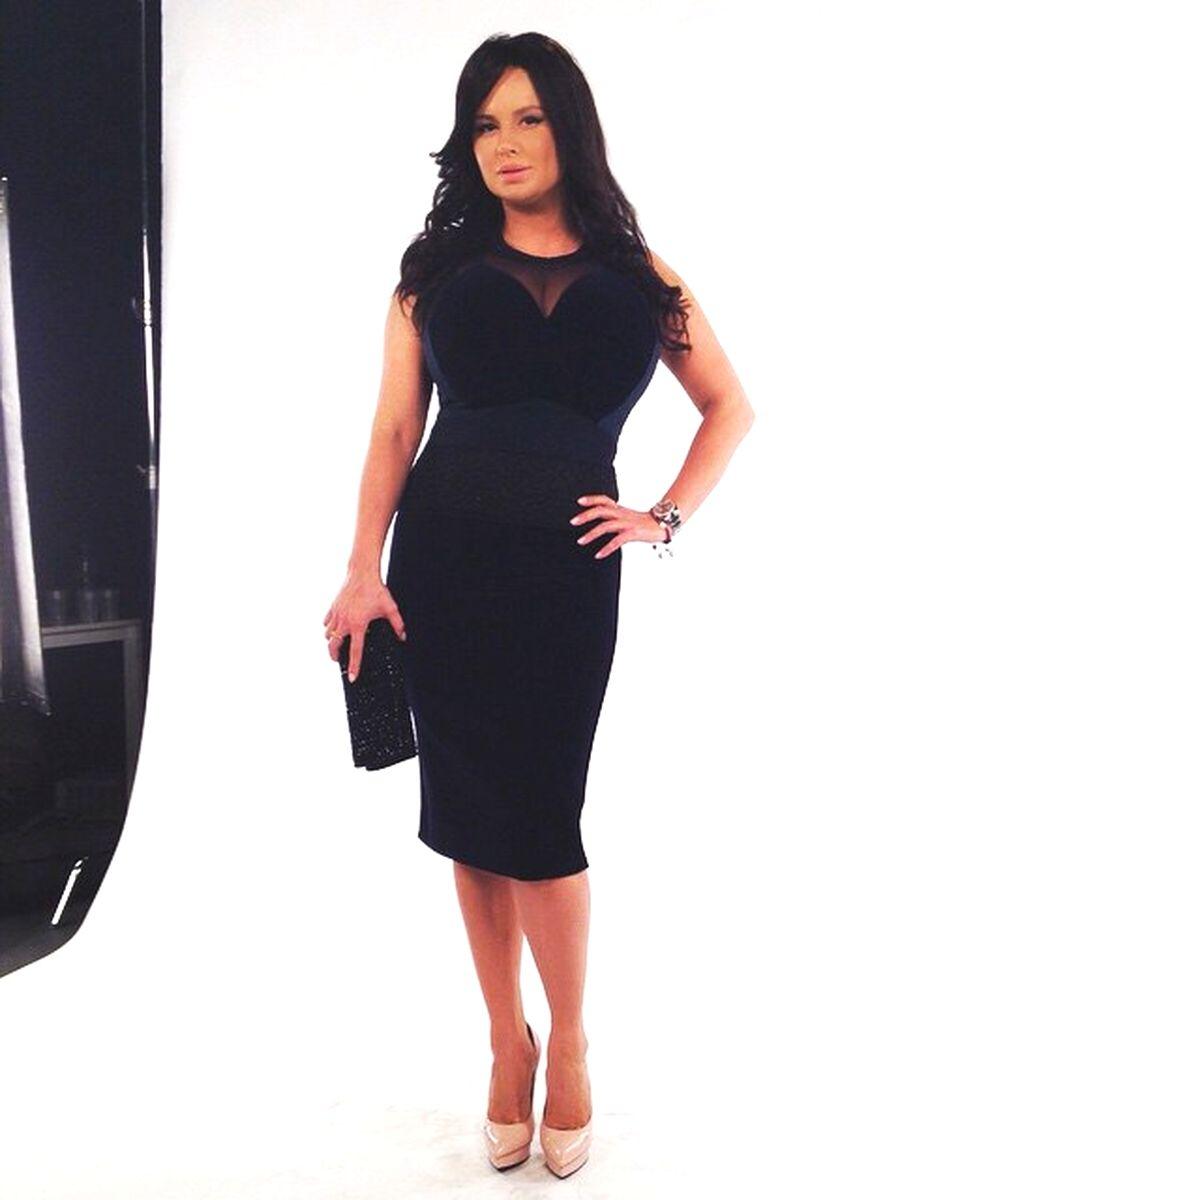 Фото анна семенович в черном платье